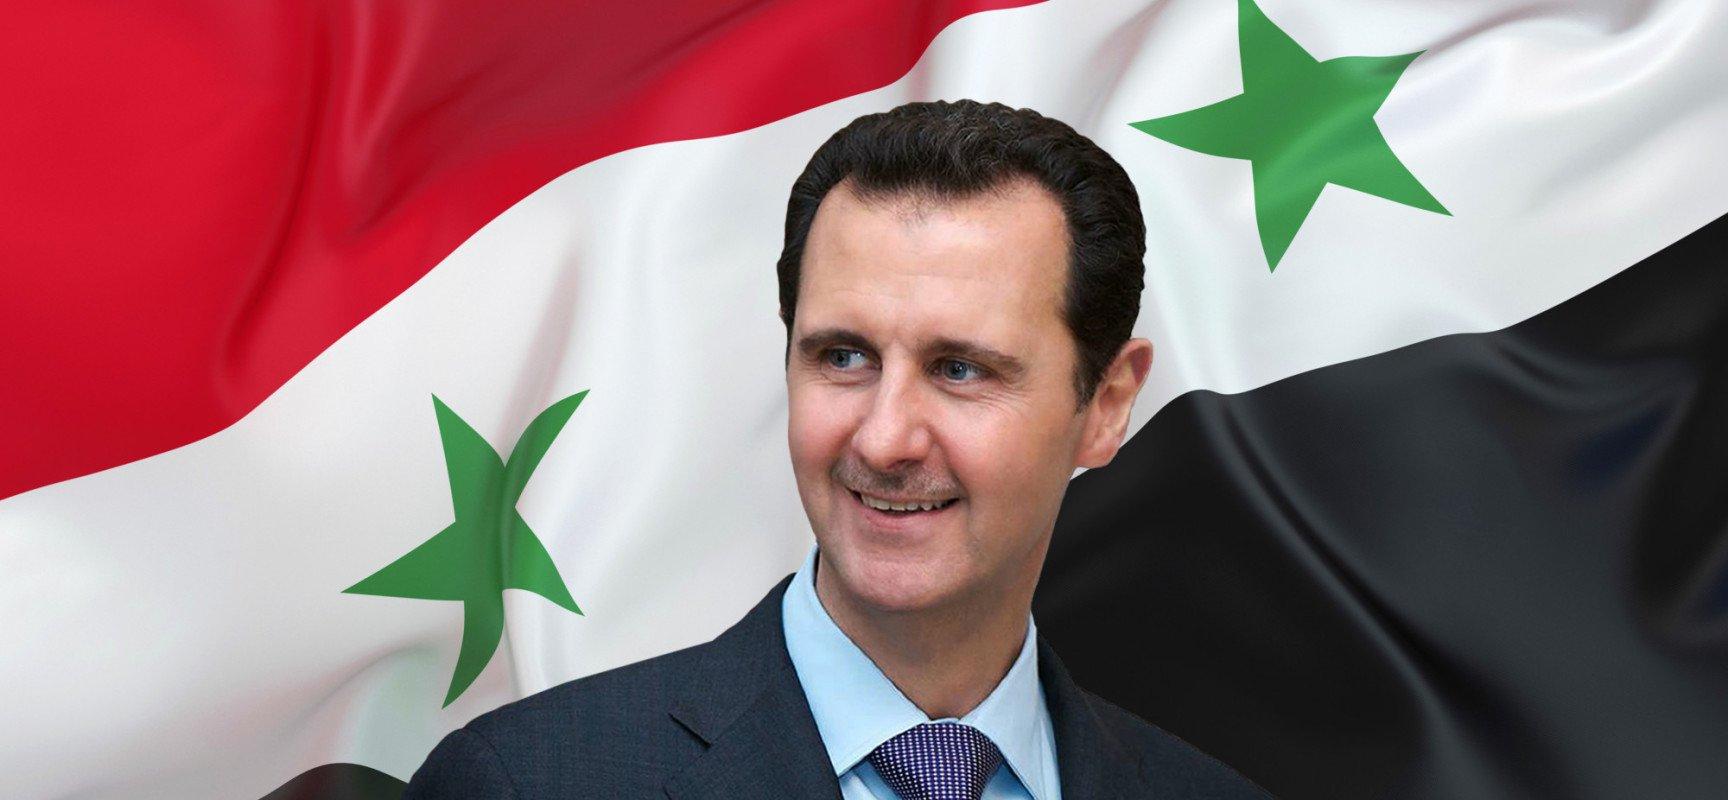 Perchè tanto accanimento contro Bashar al-Assad?